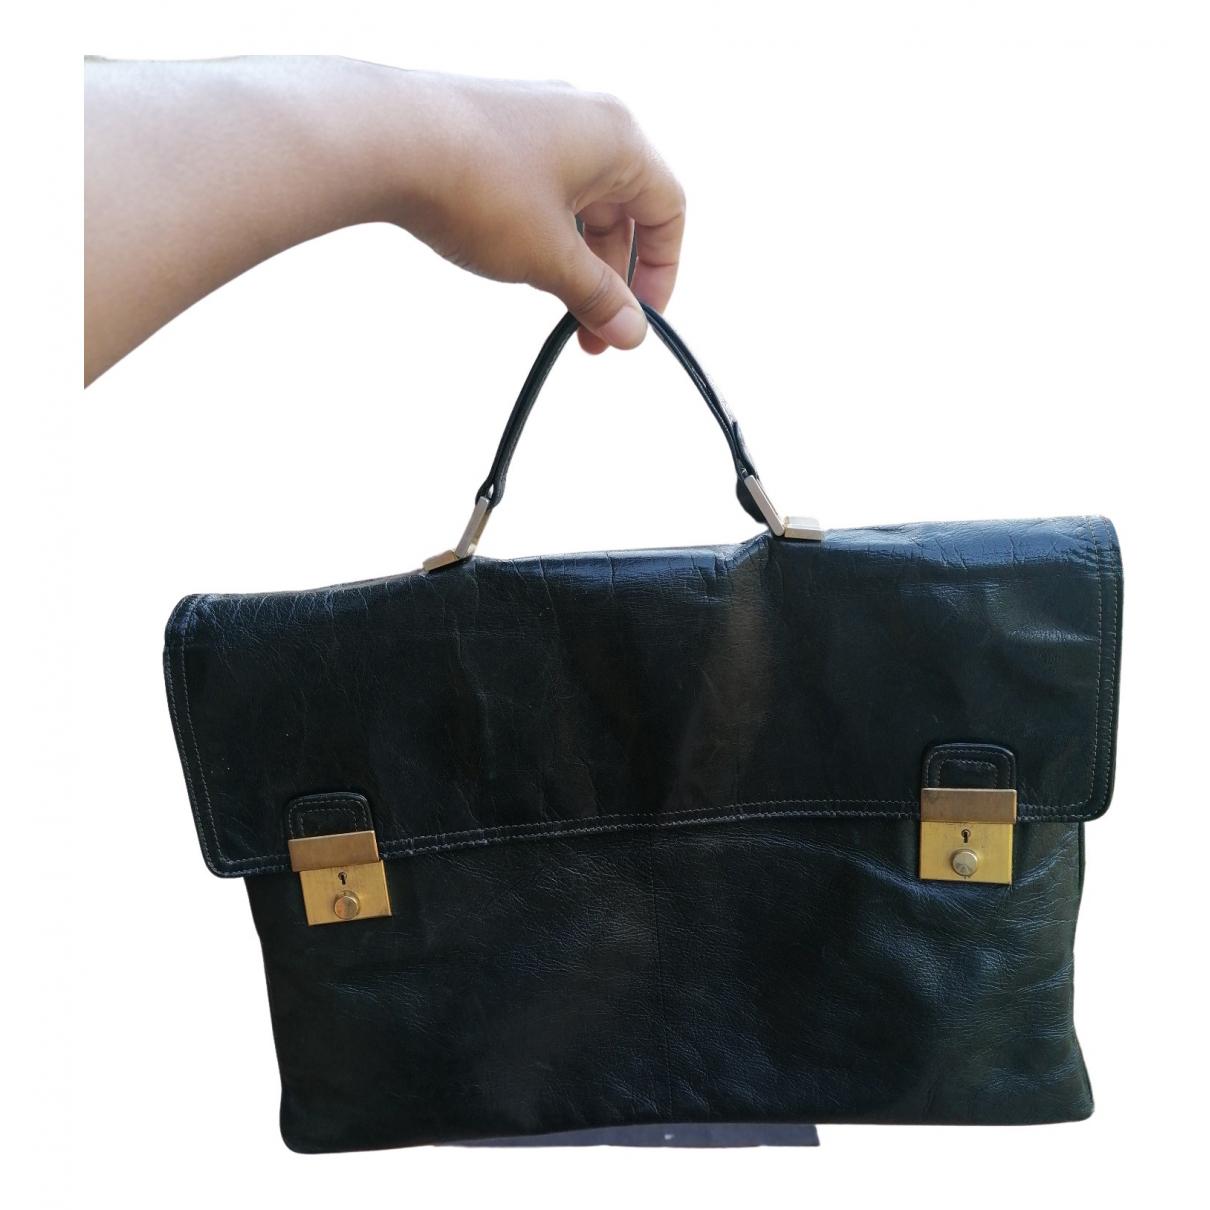 Bottega Veneta \N Handtasche in  Schwarz Lackleder